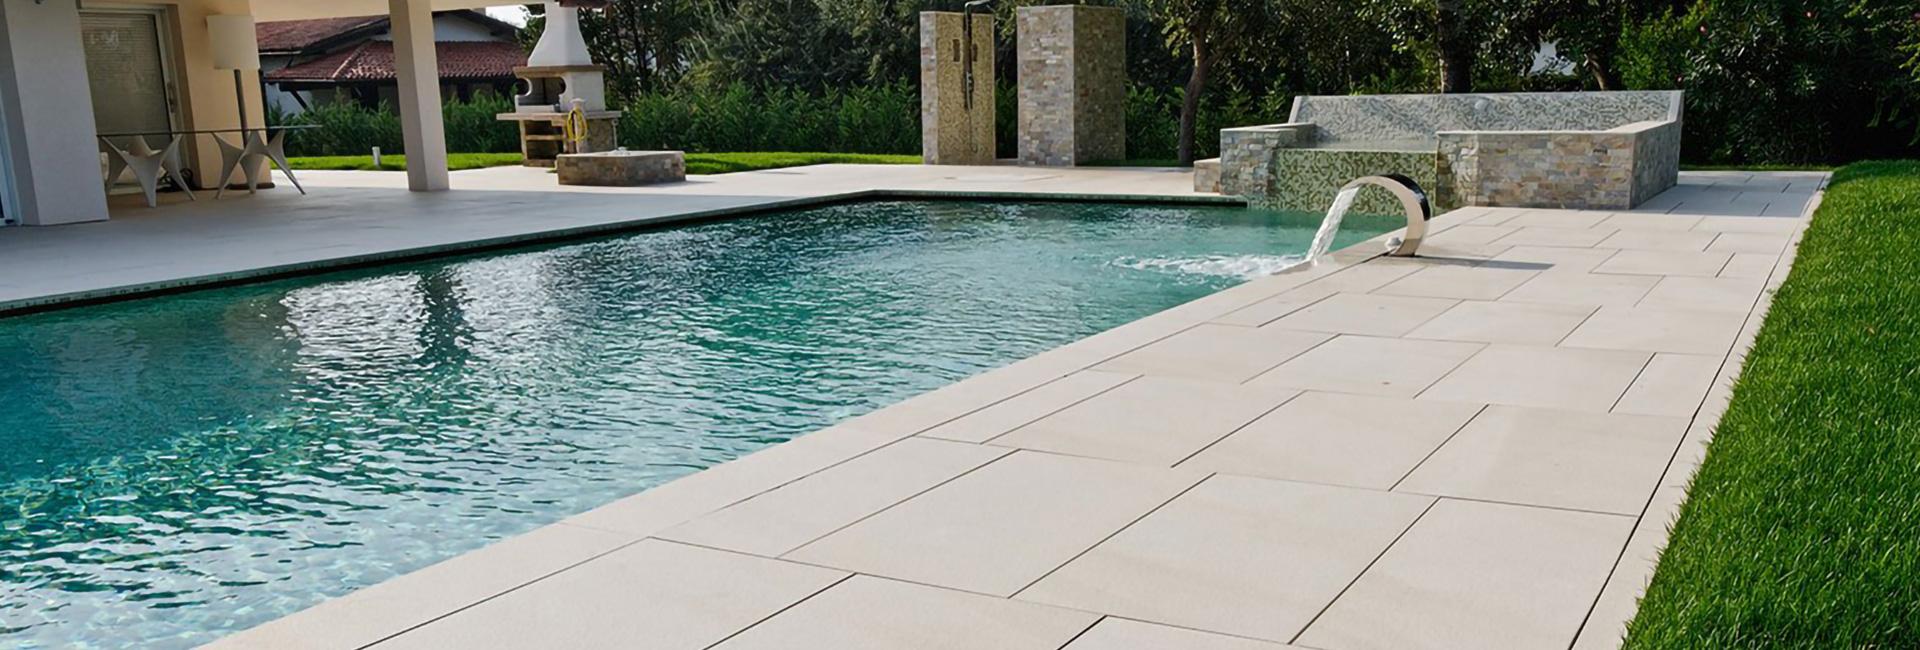 Pavimenti Per Terrazzi Esterni piastrelle per esterni - bema desio